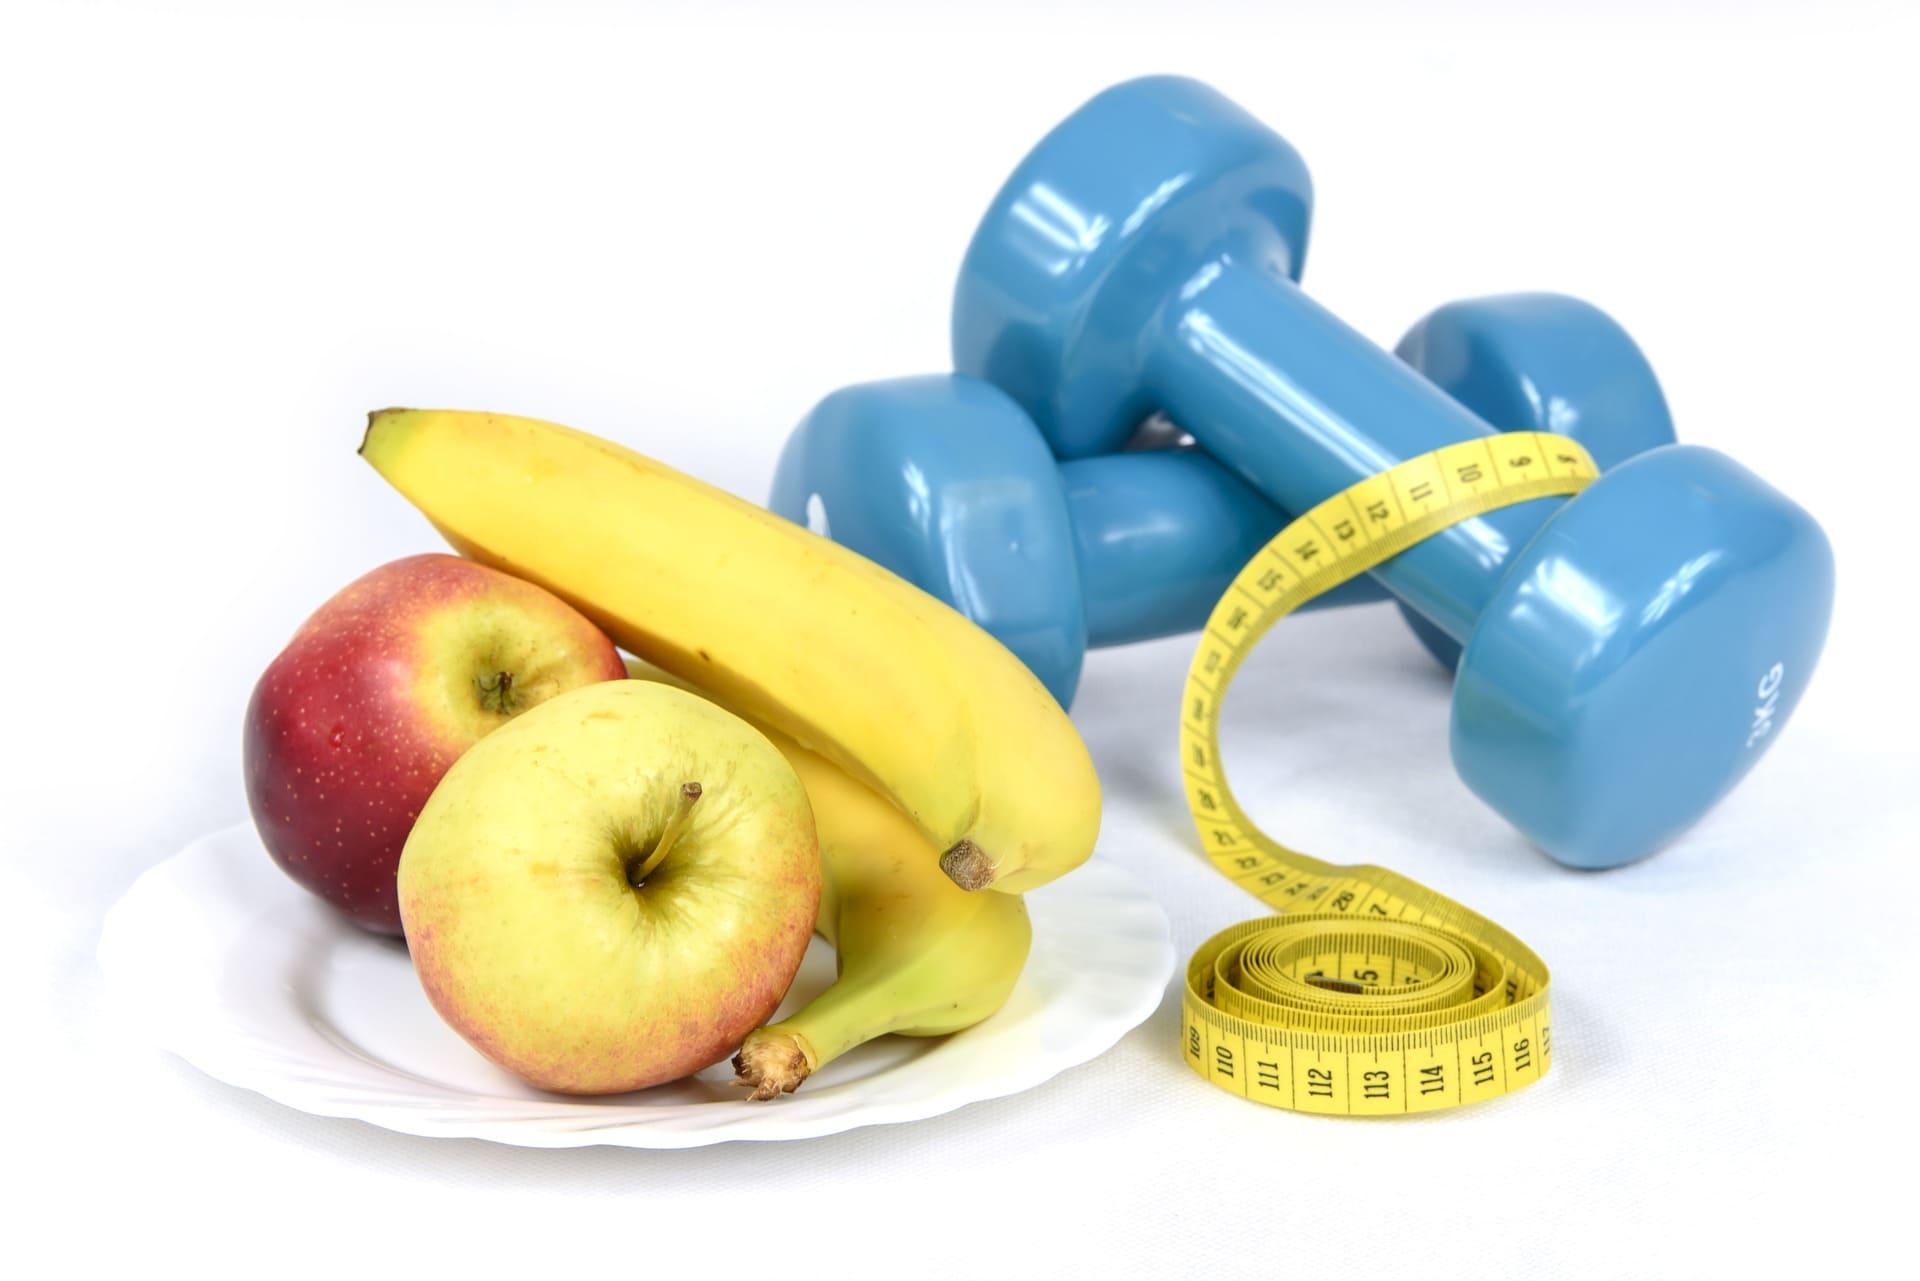 Trening czy dieta - co skuteczniej pozwala zadbać o sylwetkę?